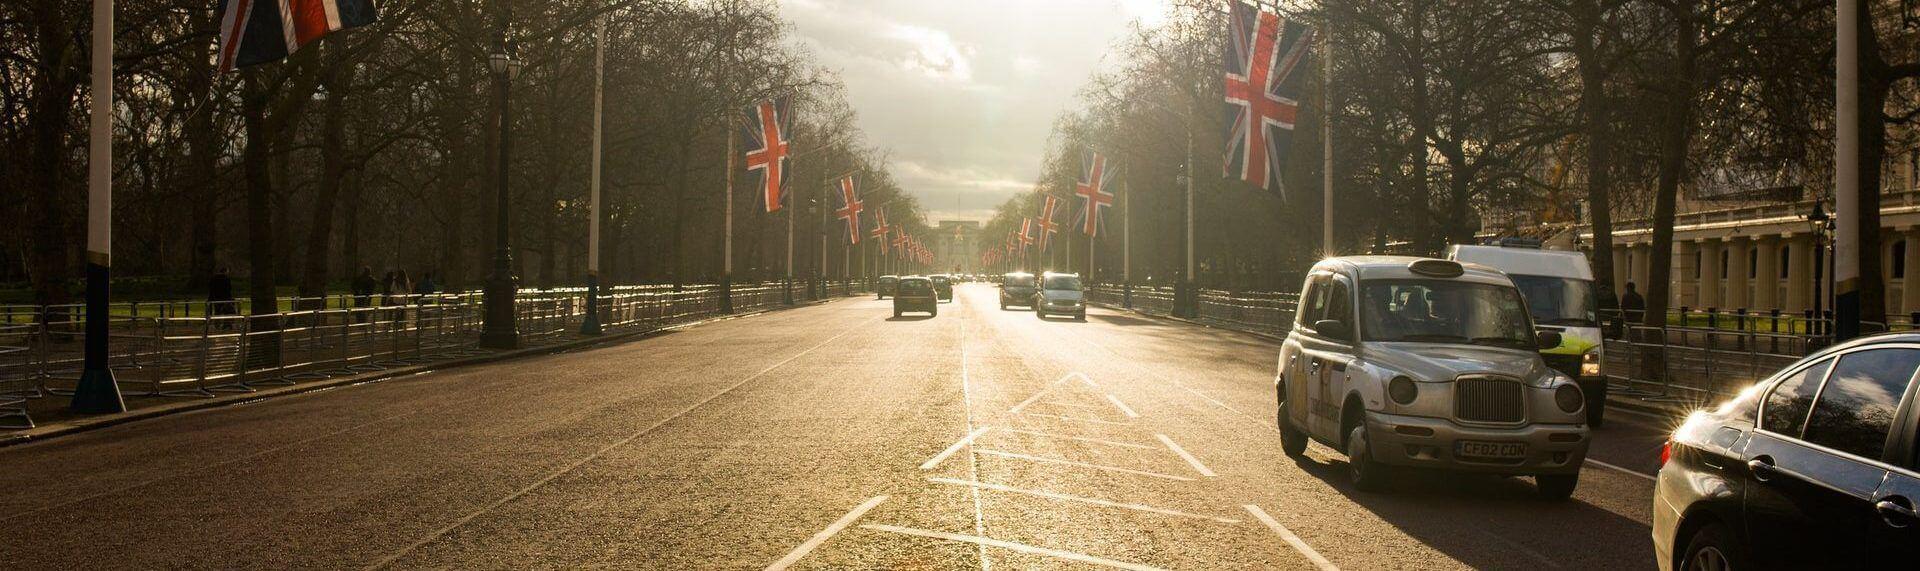 overtocht naar Engeland